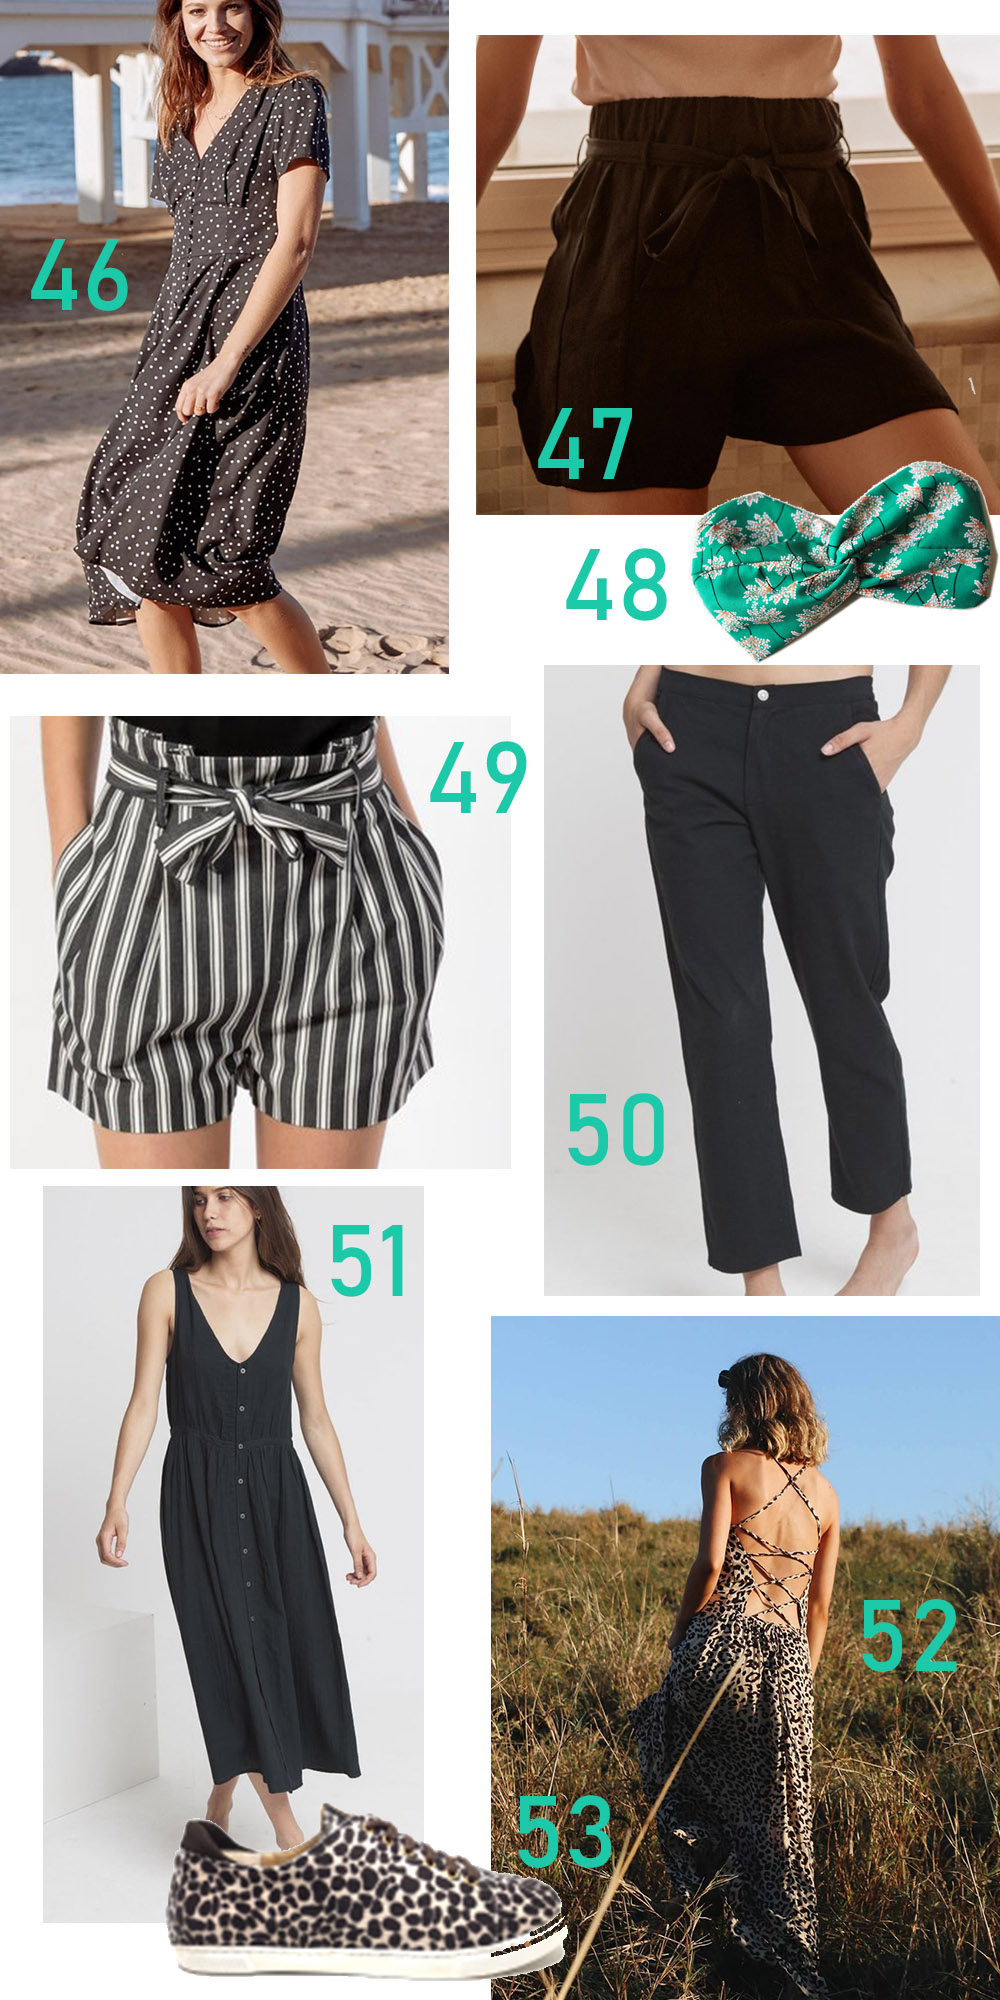 ce0b7169d950a9 50 vêtements mode éthique pour cet été - Ma sélection   Iznowgood